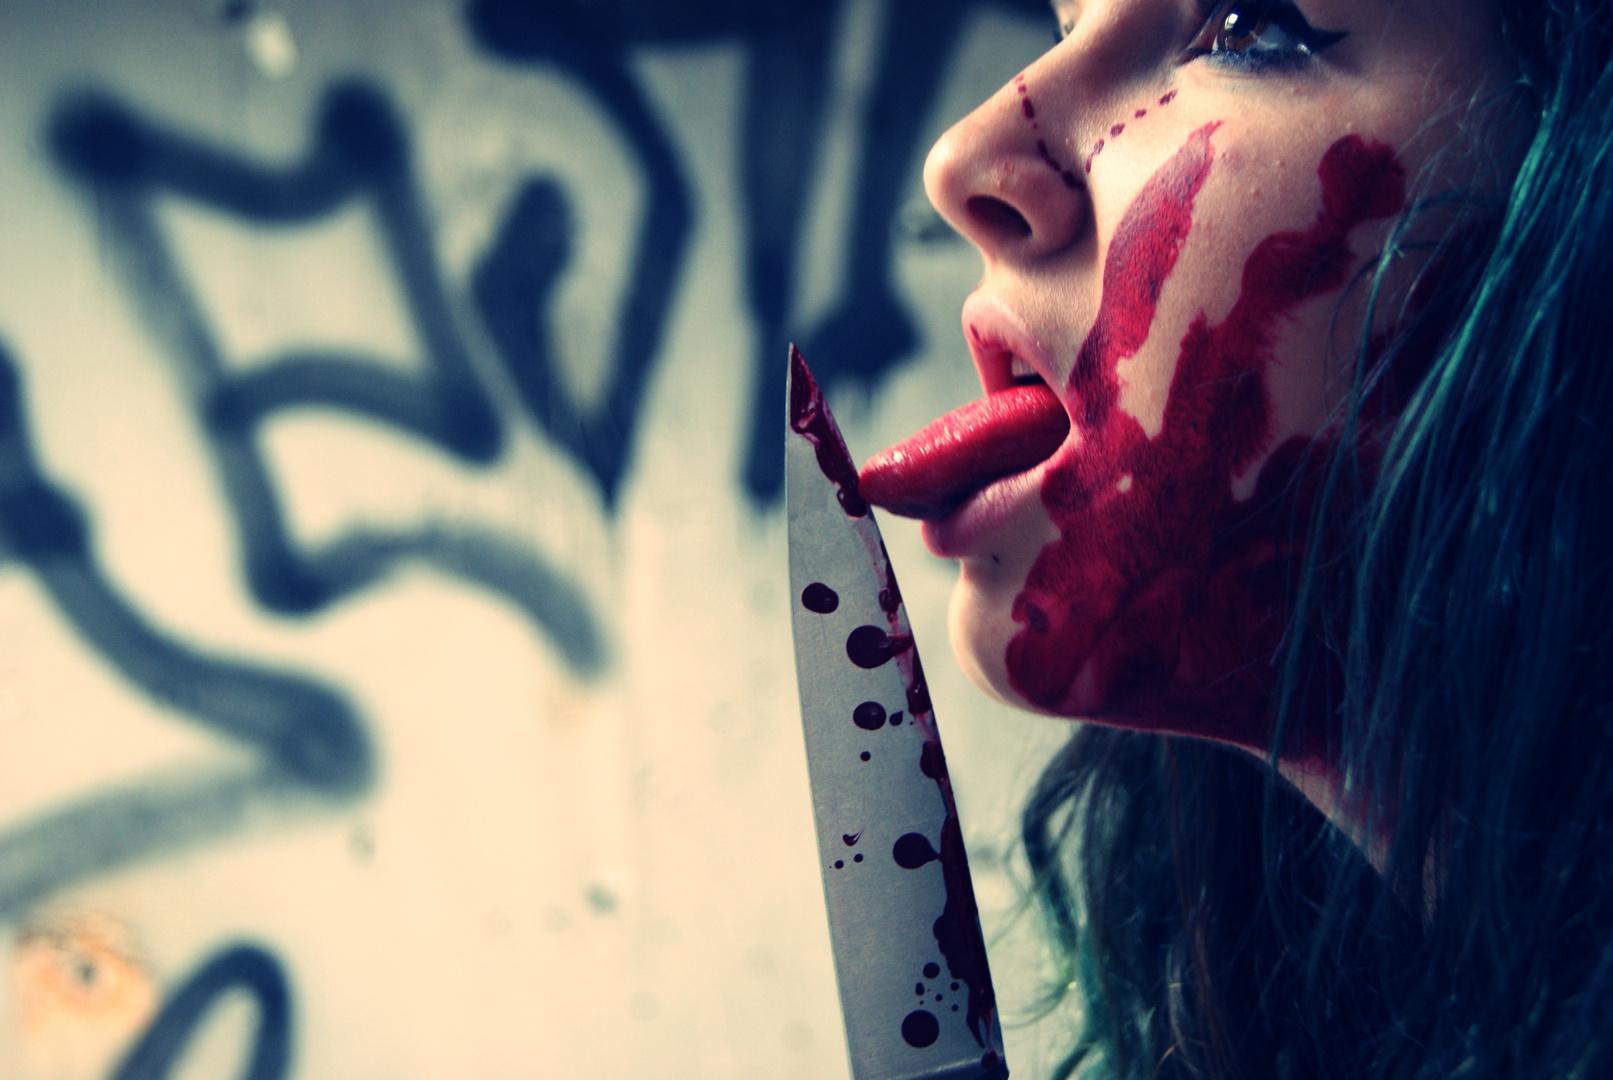 Blut geleckt